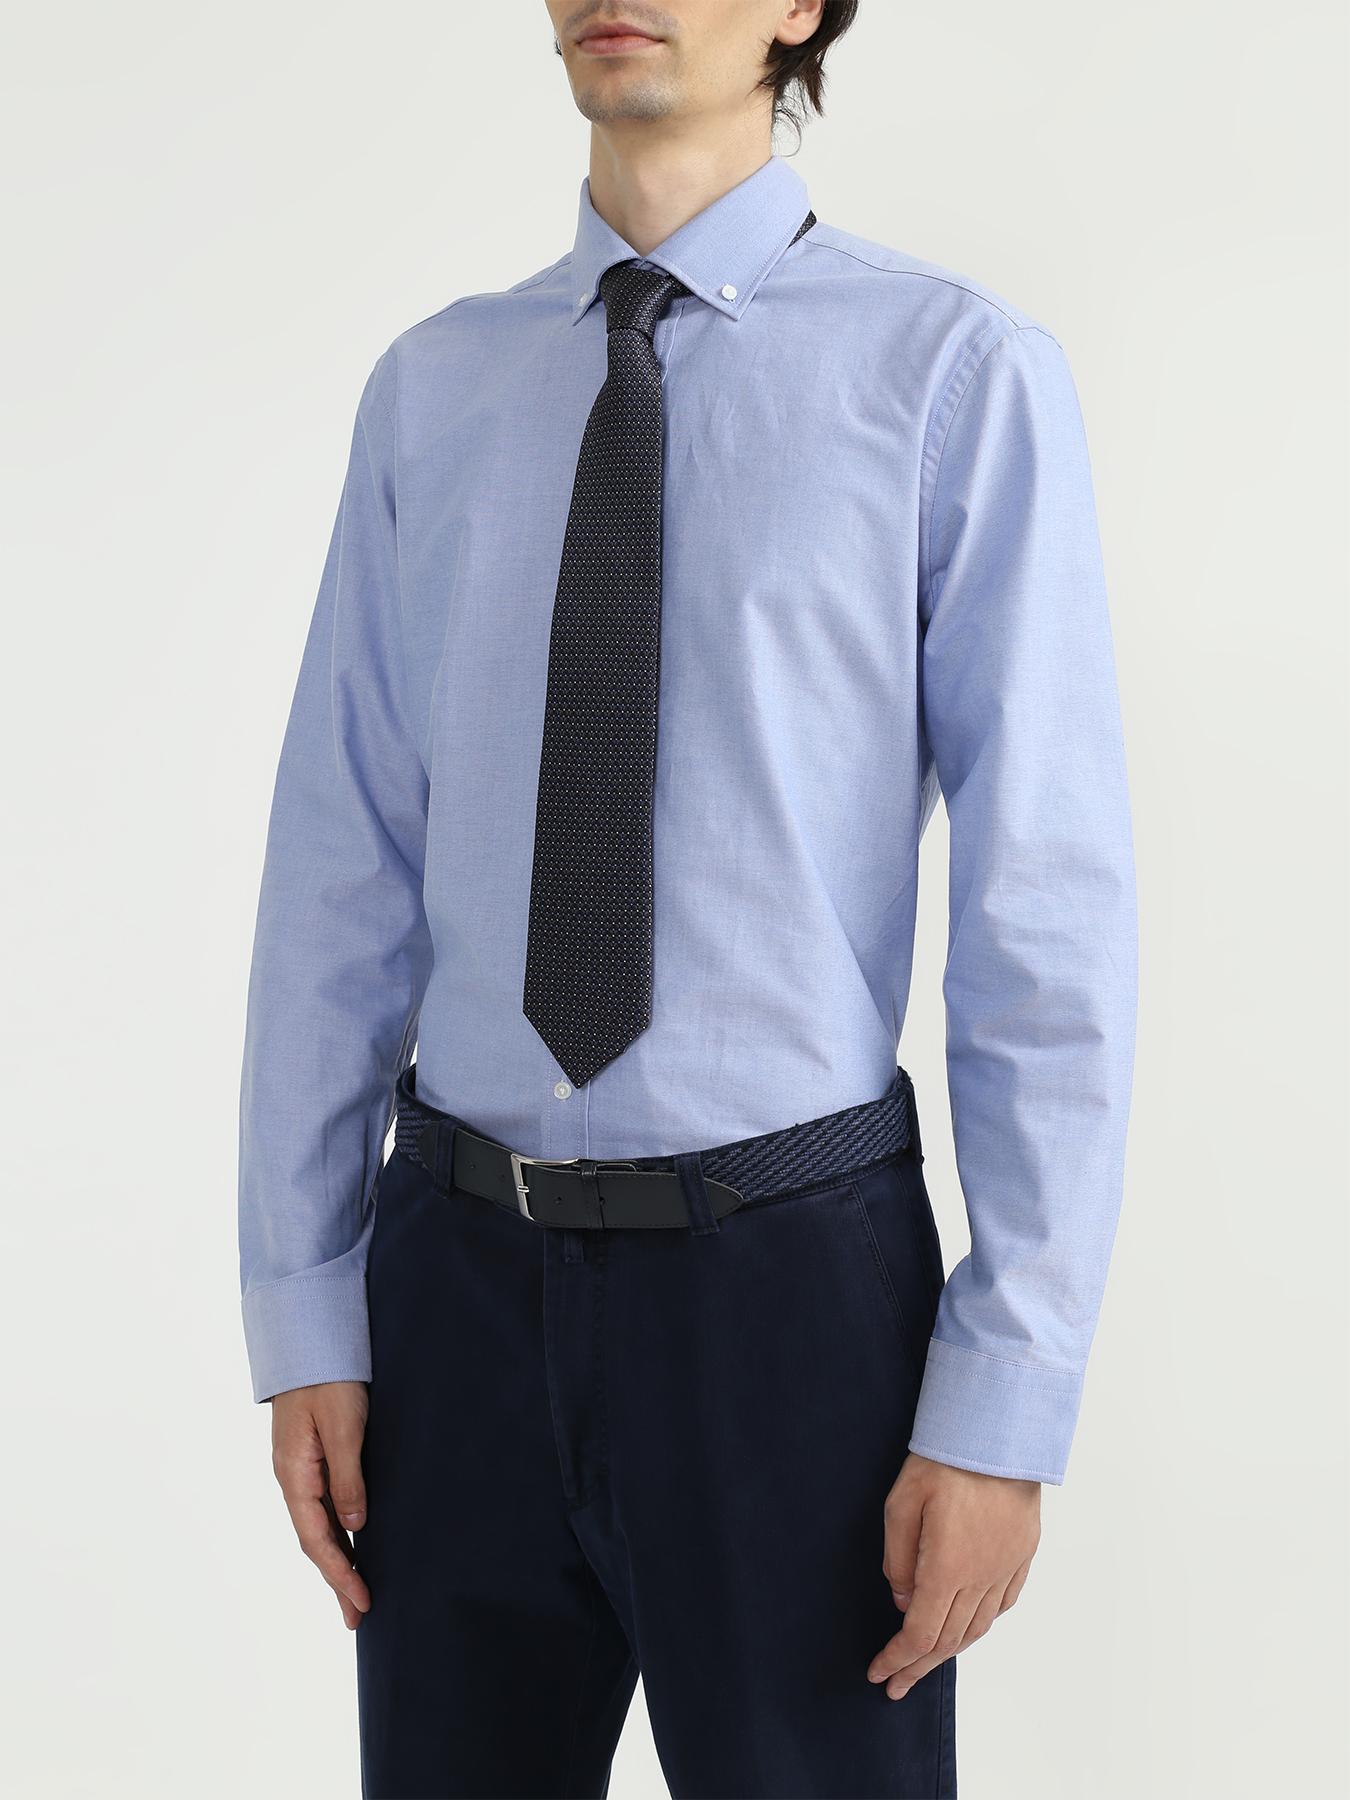 нет возможности длина галстука должна быть фото древесная порода лиственница